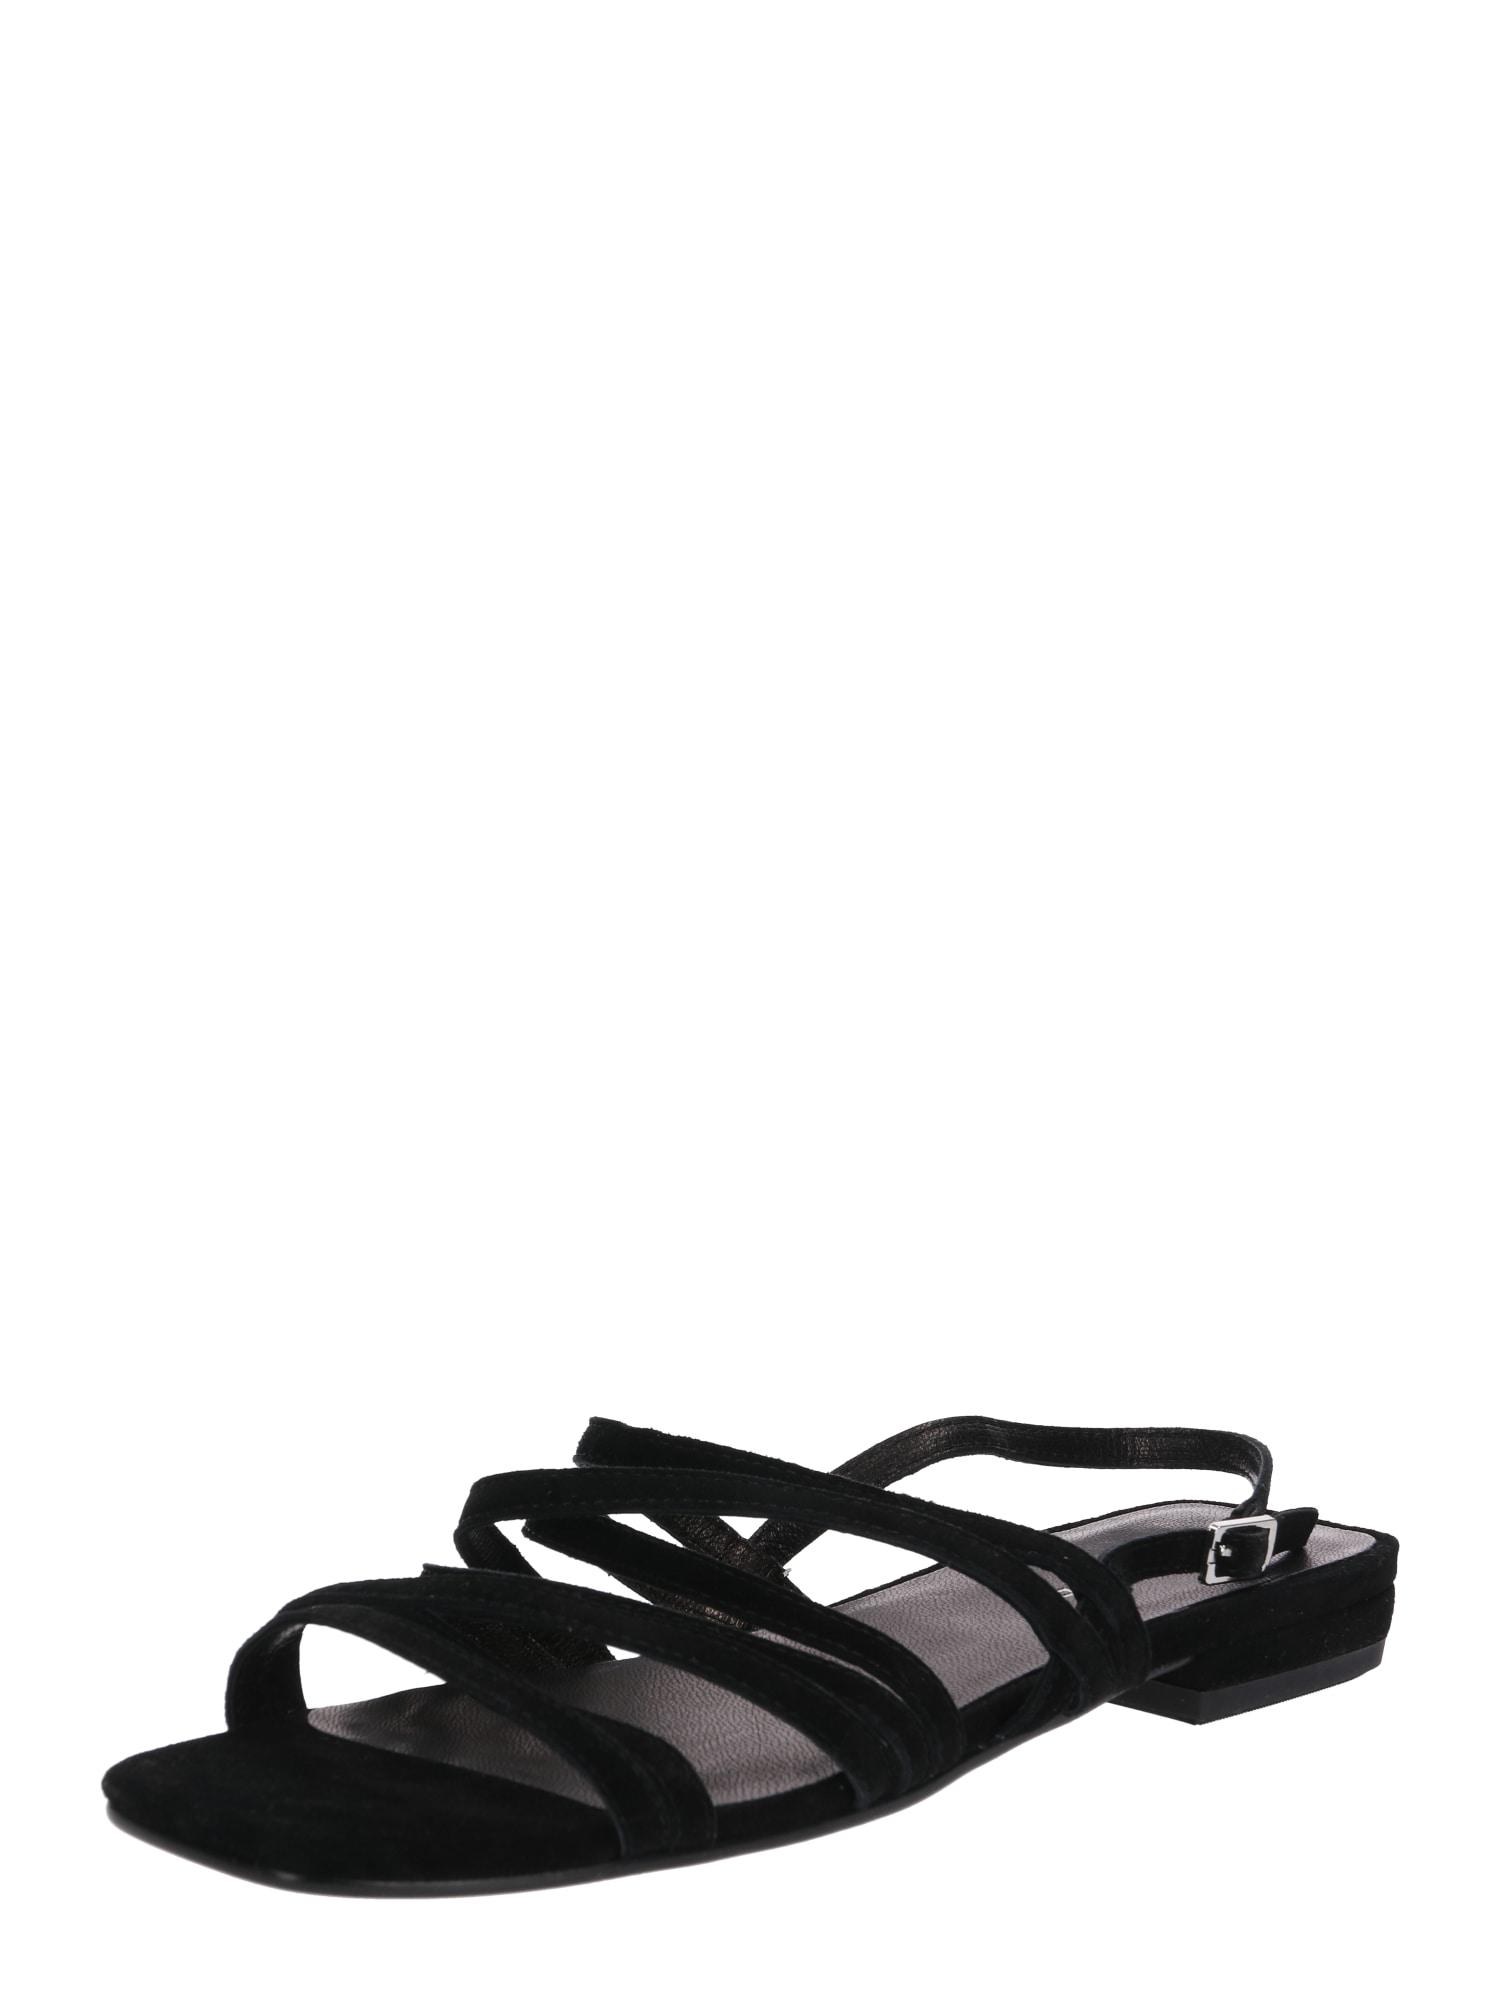 Páskové sandály Becky černá VAGABOND SHOEMAKERS